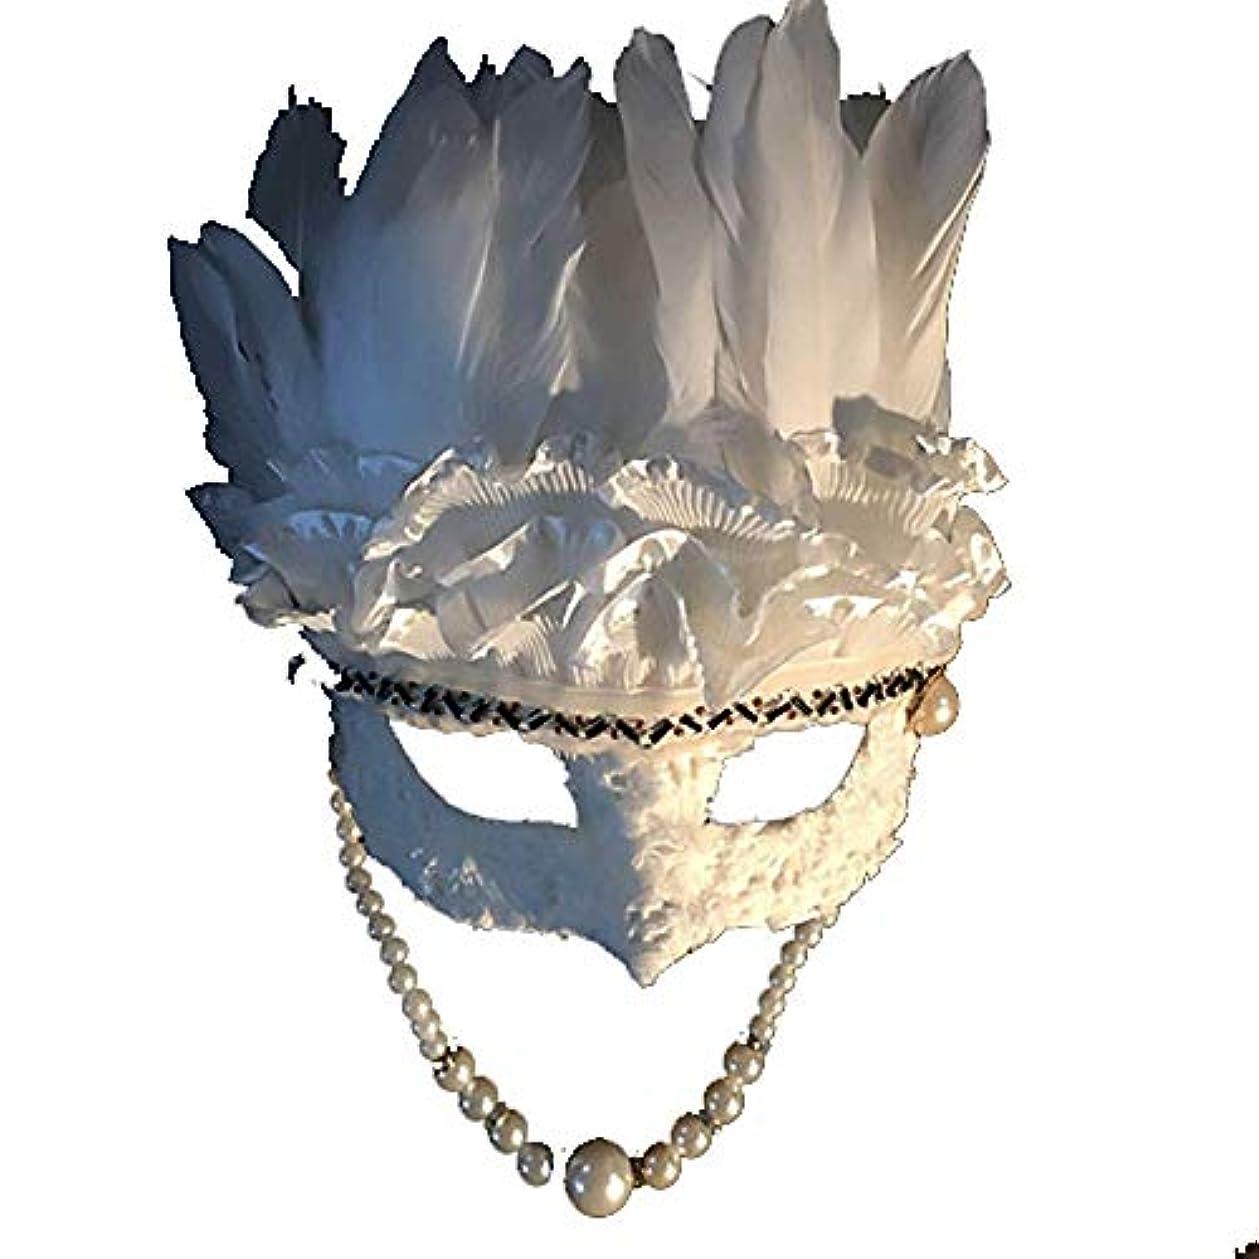 ピアノを弾くエジプトドラフトNanle ハロウィンクリスマスフェザースパンコール刺繍ビーズマスク仮装マスクレディミスプリンセス美容祭パーティーデコレーションマスク